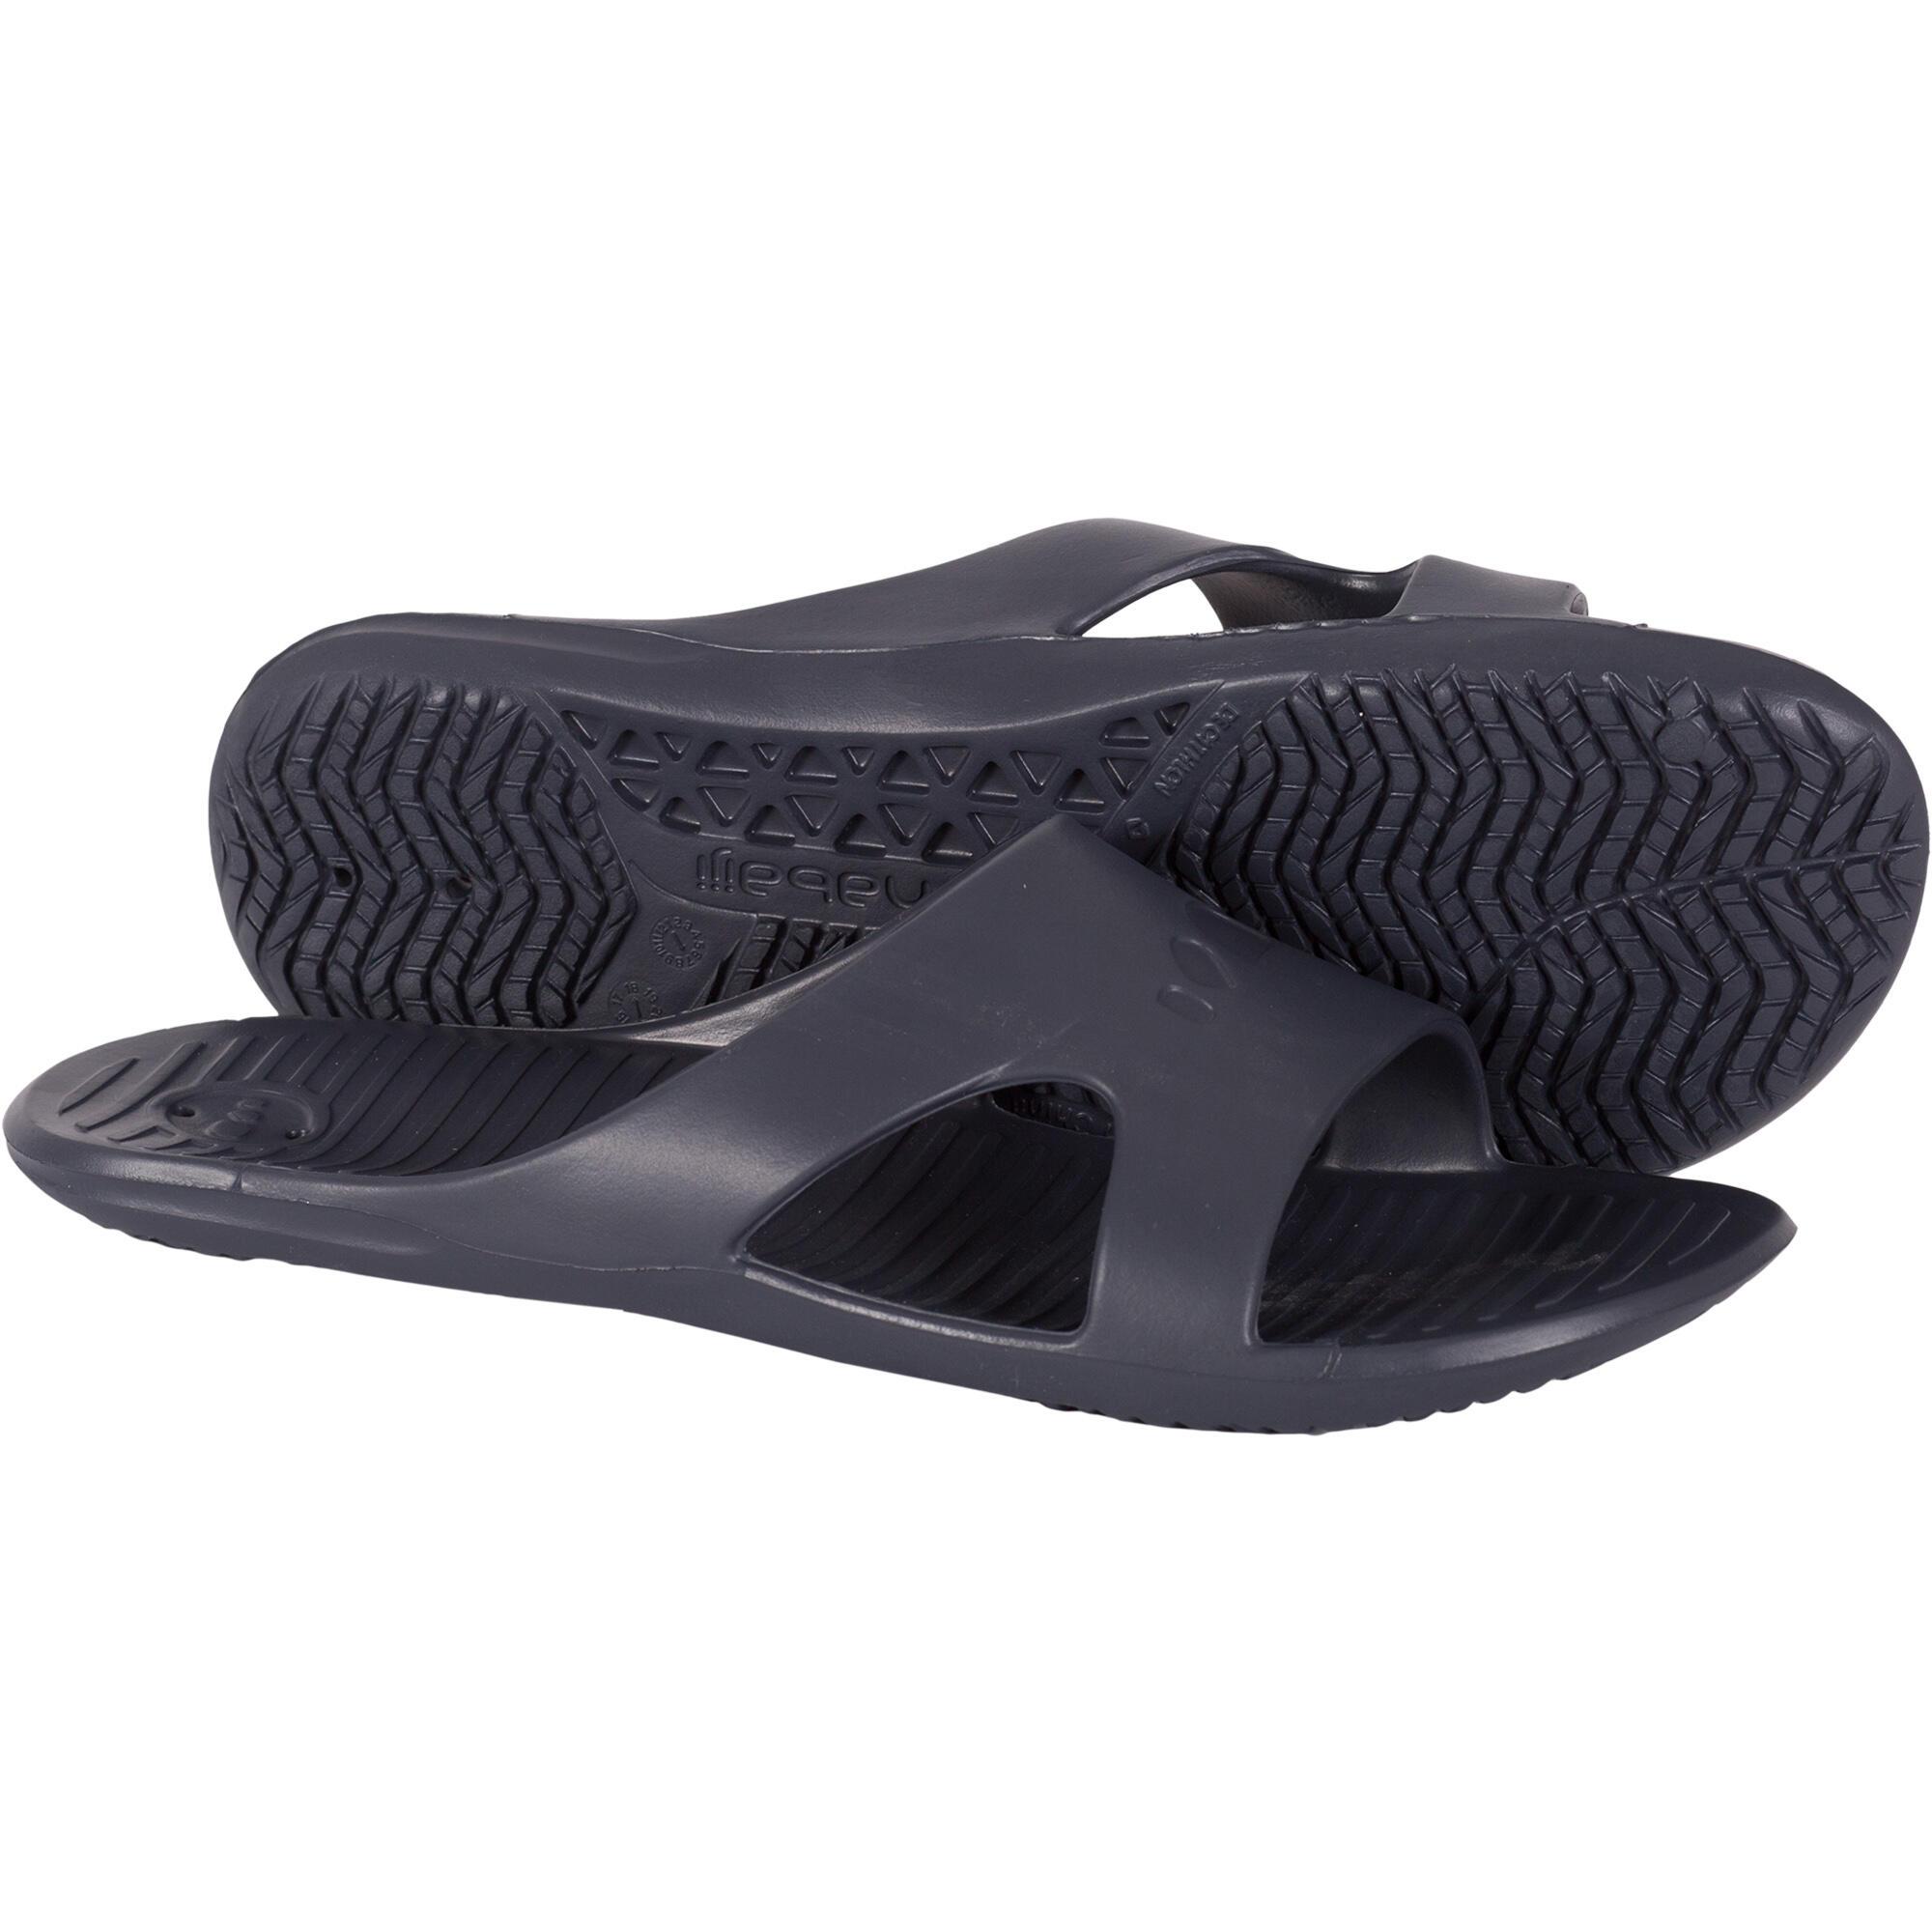 Sandales natation homme slap 100 basic gris nabaiji